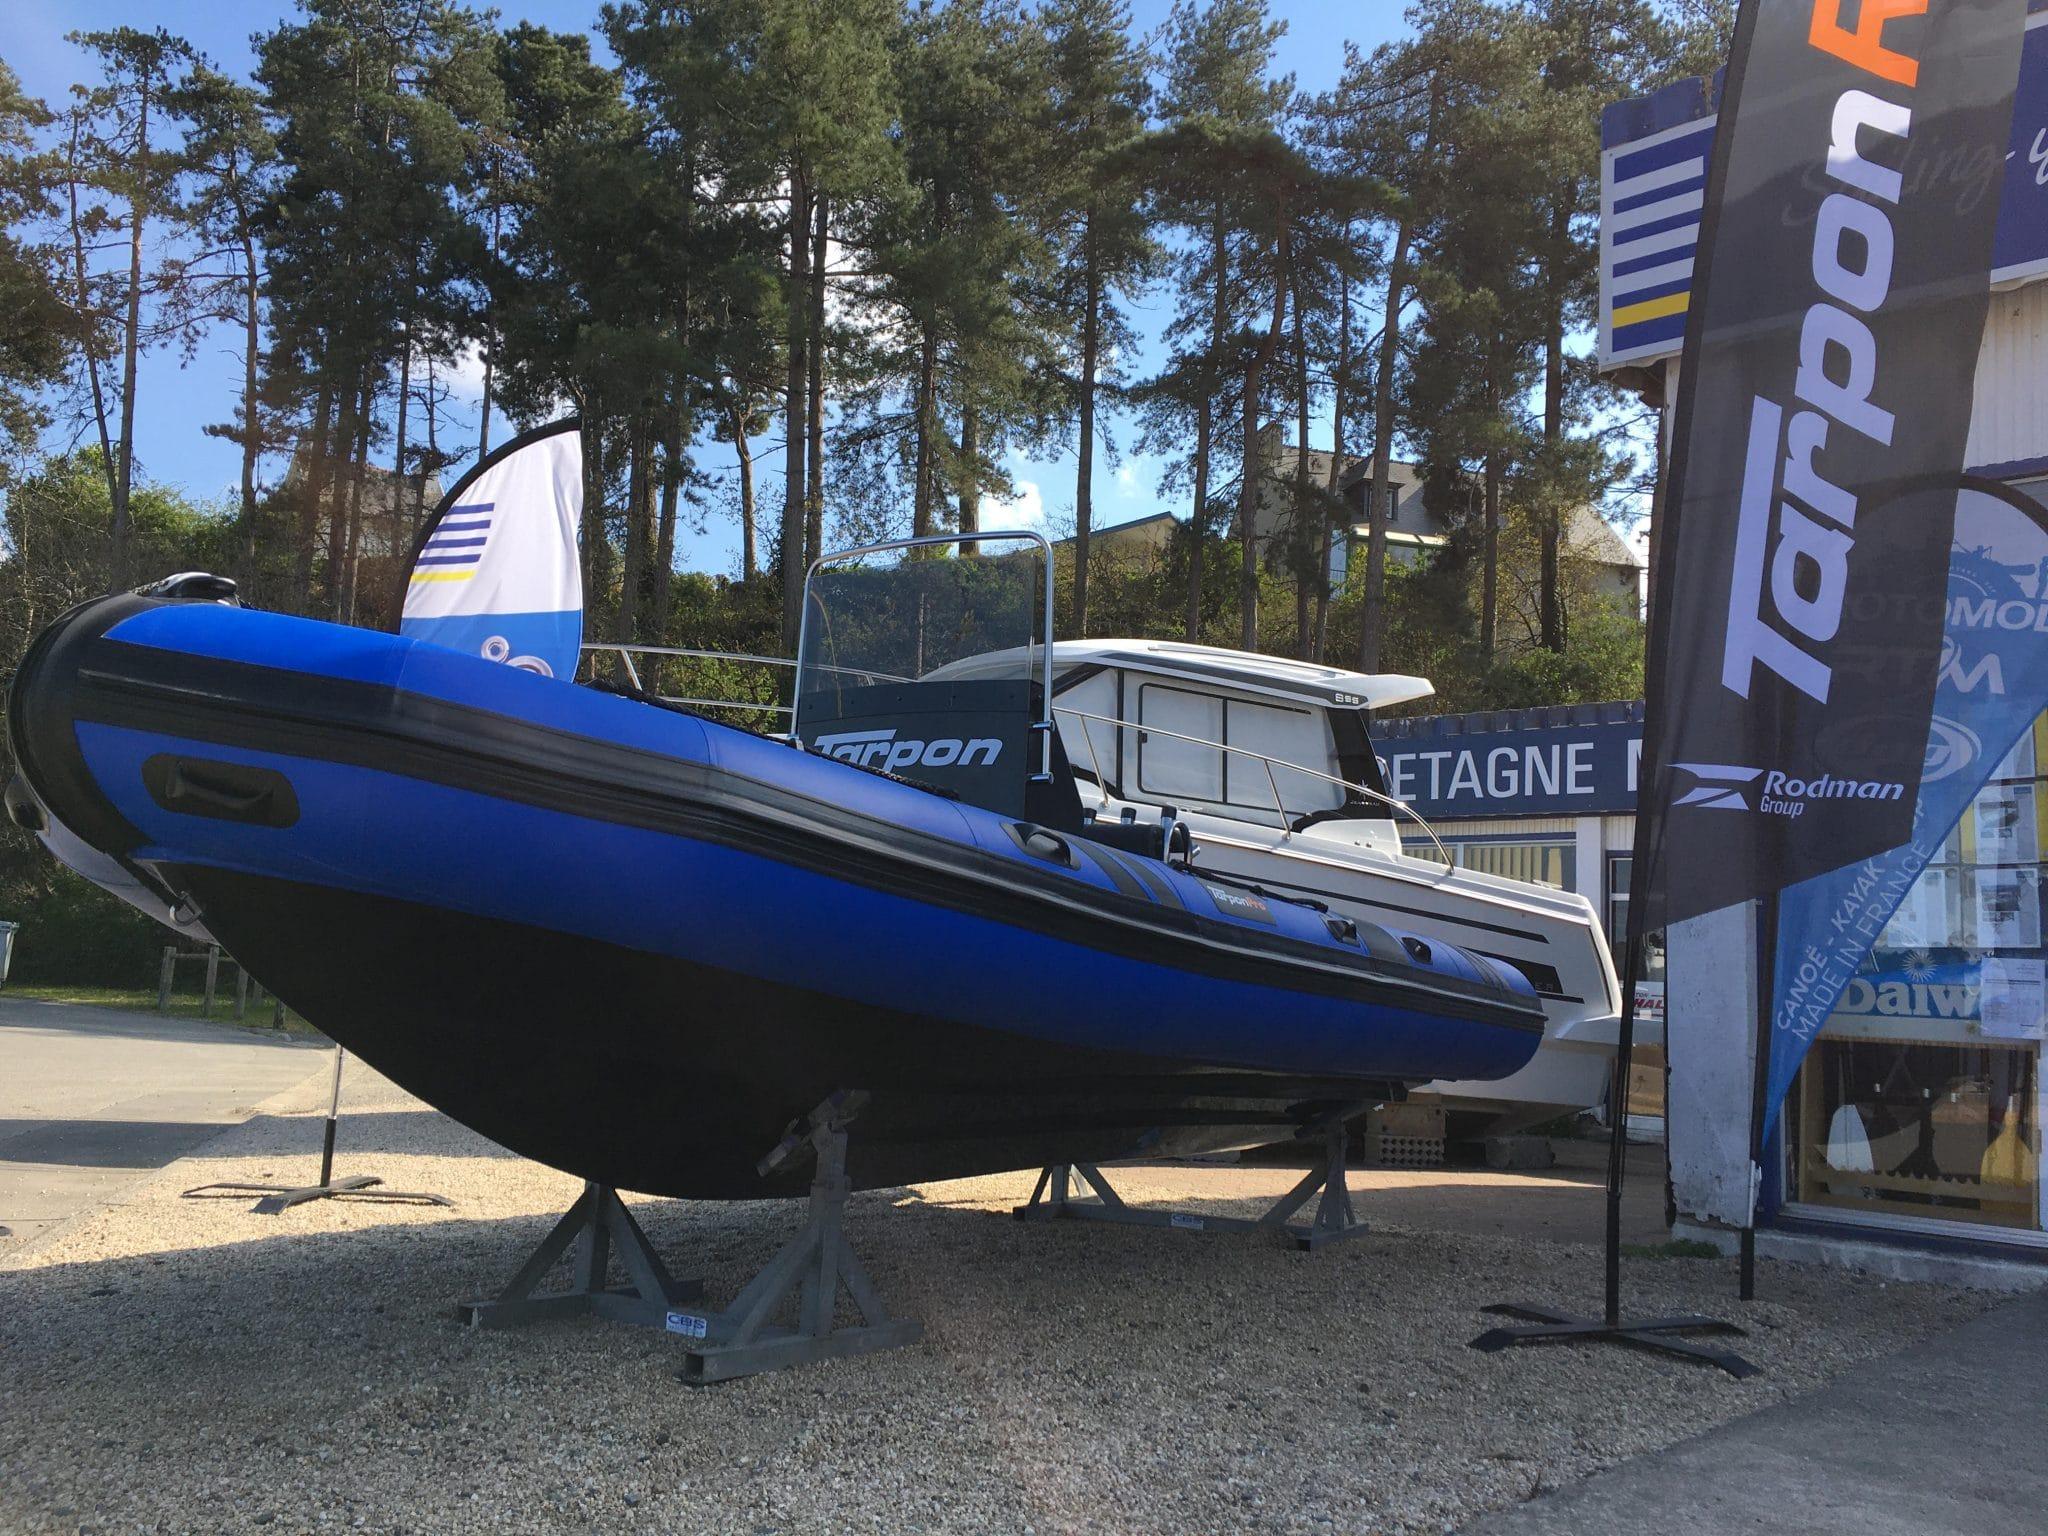 Les semi-rigides Tarpon débarquent chez Bretagne Marine!